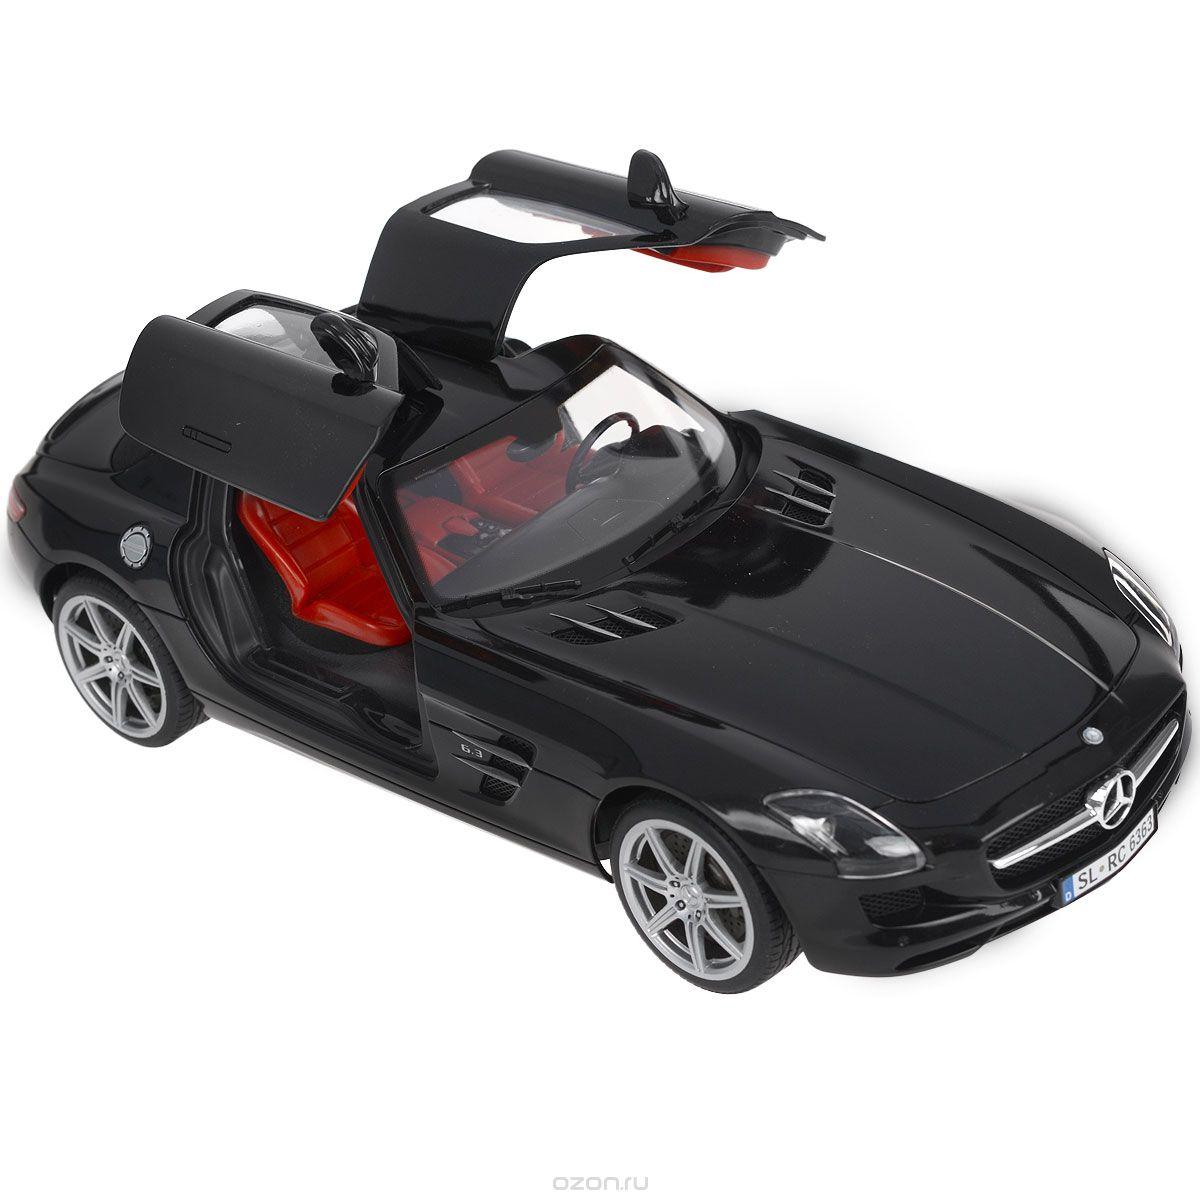 Silverlit Радиоуправляемая модель Mercedes-Benz SLS AMG86074Радиоуправляемая модель Silverlit Машина Mercedes-Benz со световыми и звуковыми эффектами непременно понравится не только ребенку, но и взрослому. Модель представляет собой точную копию машины Mercedes-Benz черного цвета в масштабе 1:16. Машина работает путем управления через BlueTooth, а своеобразным пультом послужит ваш iPod, iPad или iPhone. Скачайте специальное программное обеспечение на ваше электронное устройство, и вы готовы к гонке! Машина может двигаться во всех направлениях. Управление происходит с помощью кнопок, отображающихся на экране вашего iPod, iPad или iPhone в руках, а также путем простого поворота электронного устройства в руках. Путь машины отображается на экране устройства, что создает впечатление реального присутствия в салоне. Машина способна воспринимать сигнал даже вне поля видимости устройства, что позволяет игроку объезжать различные препятствия. Функция подсветки фар, габаритных огней, поворотников и стоп-сигналов и реалистичные звуки...